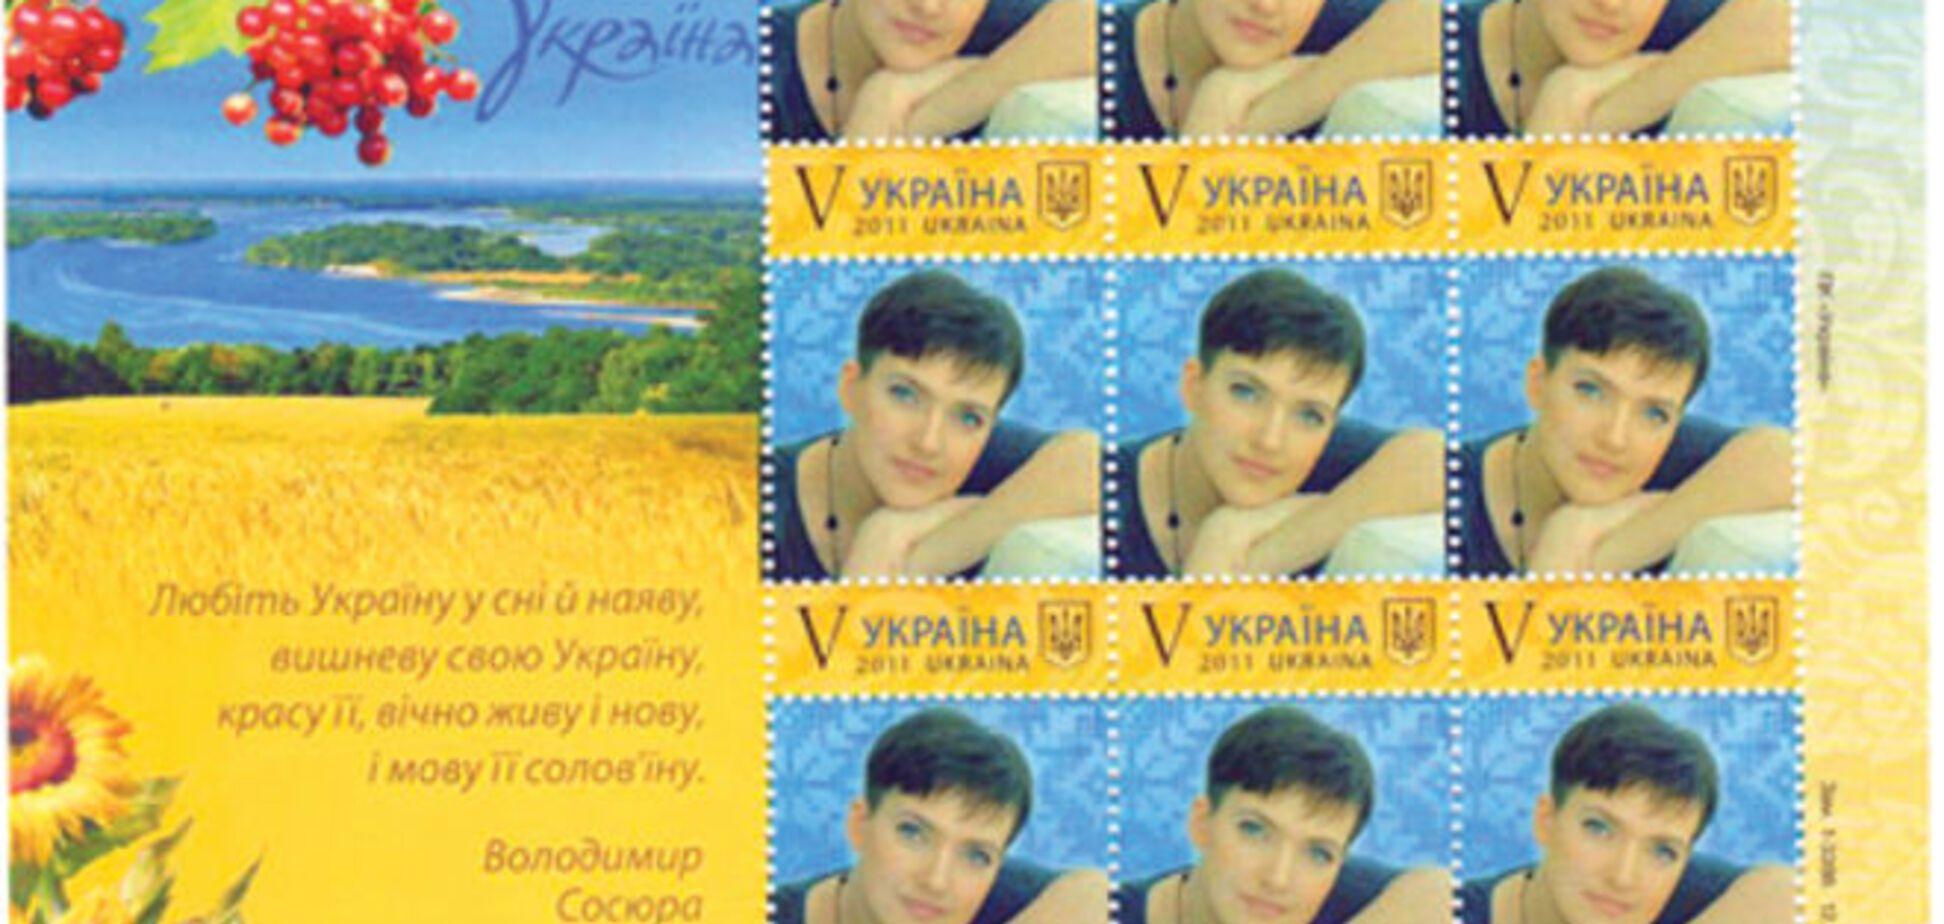 'Укрпочта' выпустила марку с Савченко